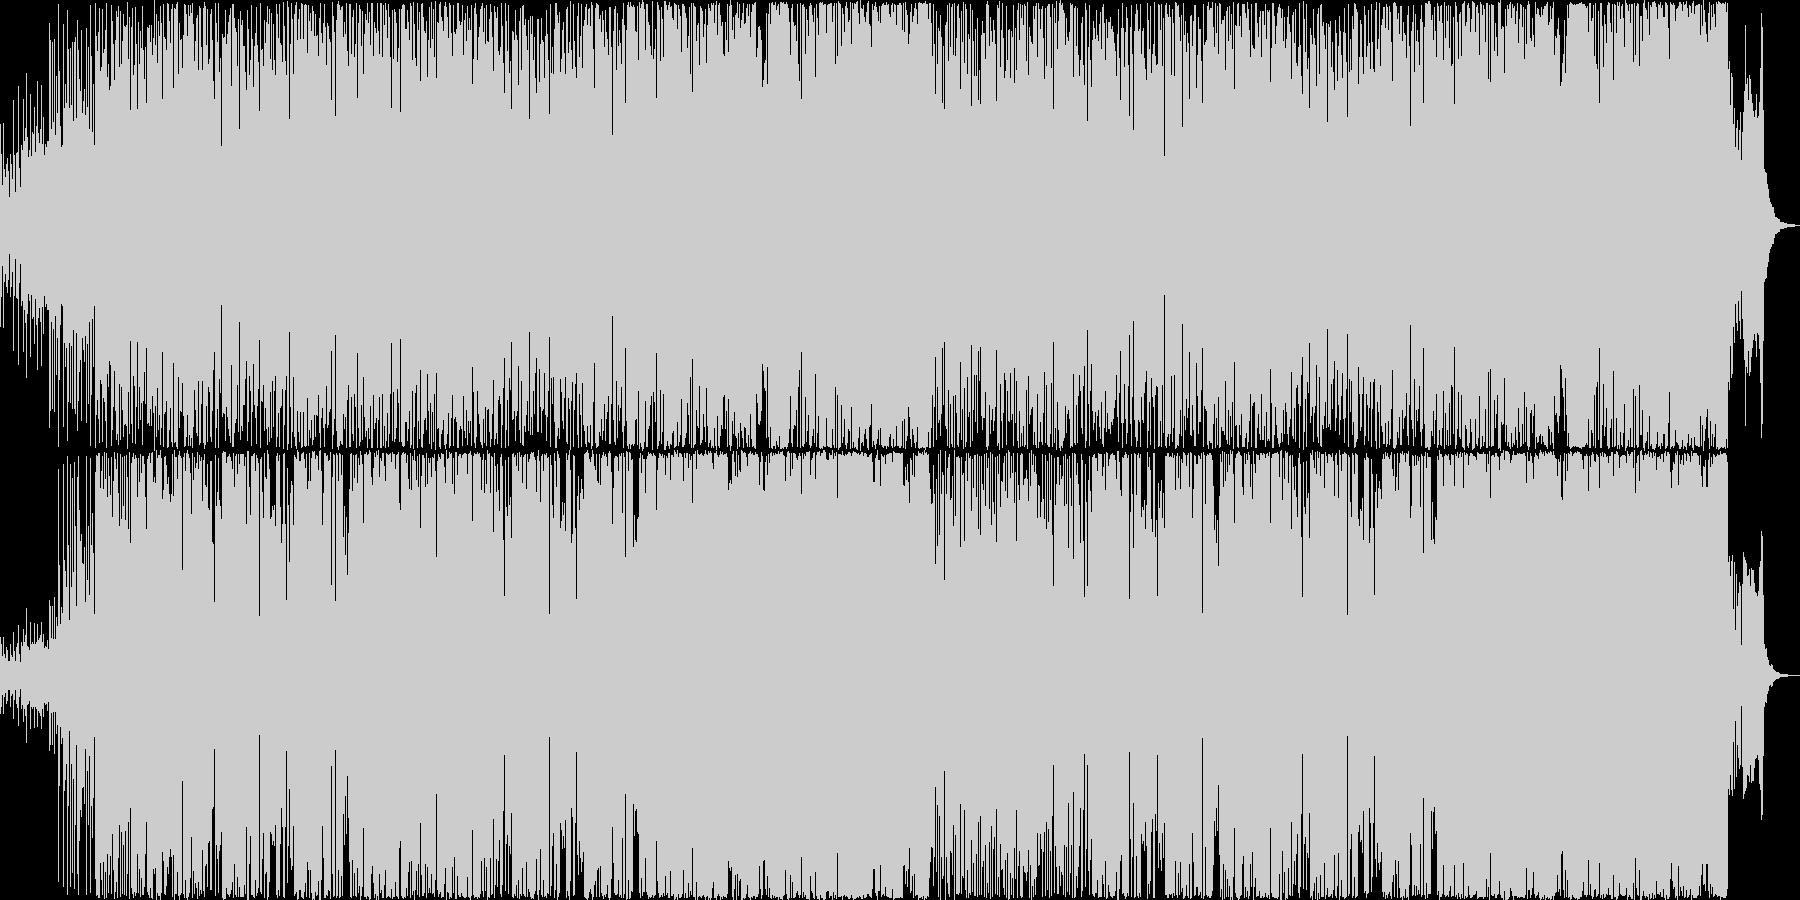 和風の雰囲気のあるコミカルなBGMの未再生の波形